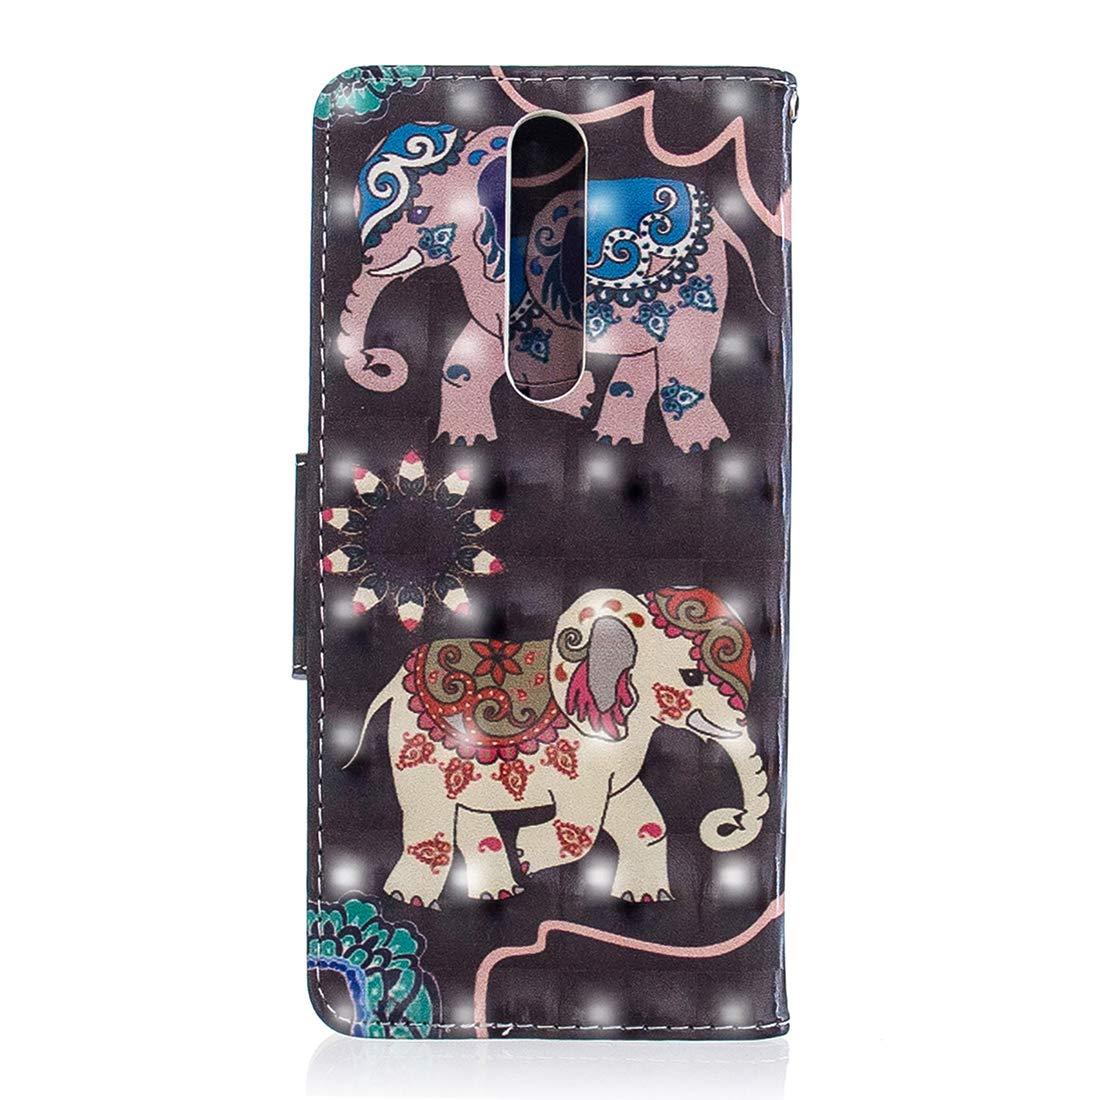 Lyzwn Custodia Nokia 5.1//Nokia 5 2018 Cases Flip in Pelle 3D PU Cuoio Copertura Case Cover con Wallet Portafoglio Supporto Carte Chiusura Magnetica Caso Copertina per Nokia 5.1//Nokia 5 2018